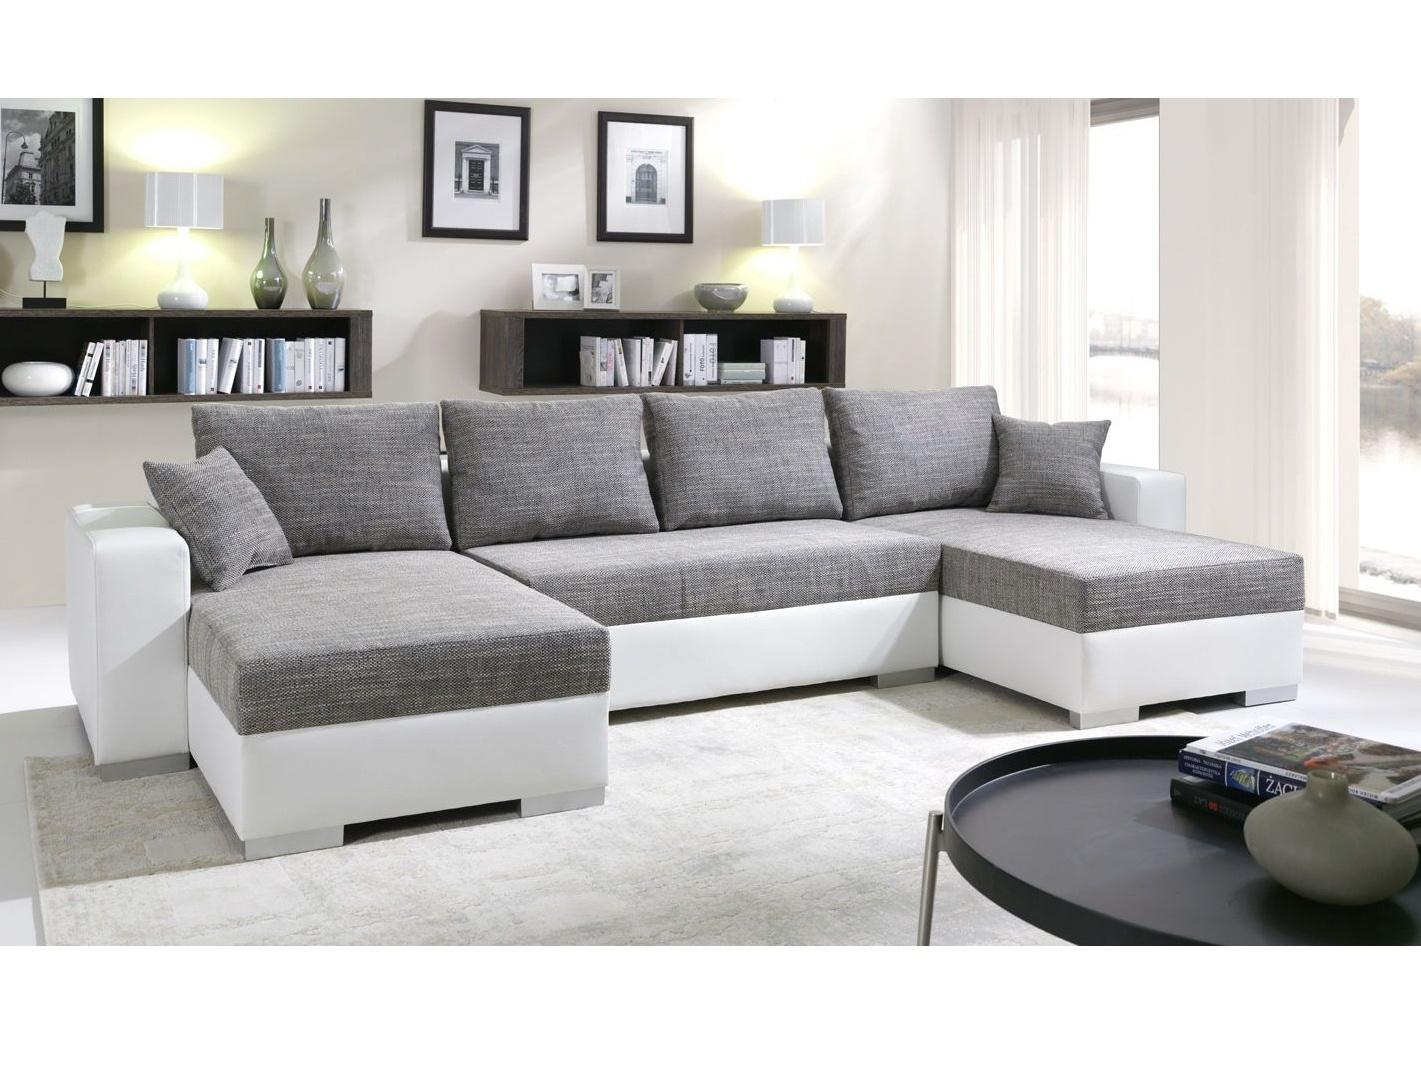 SmartShop Rohová sedačka KENZO 1, šedá/bílá ekokůže